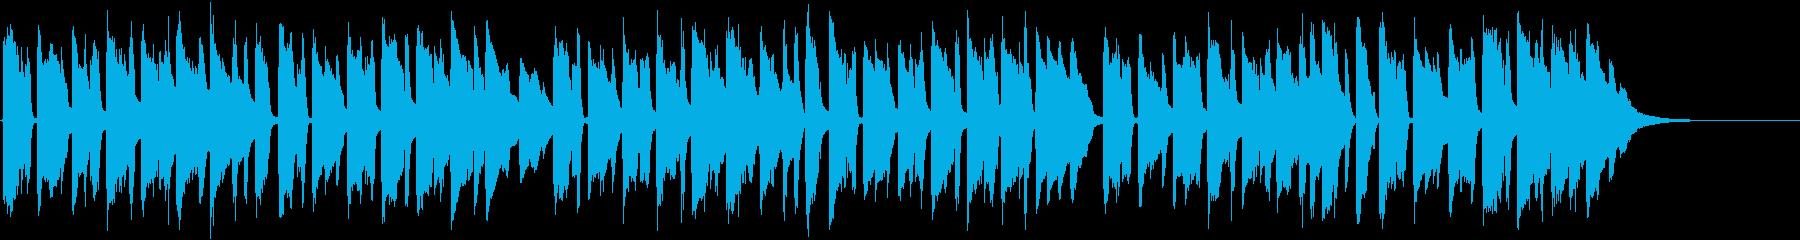 胸がきゅっと苦しくなる生ギターバラード3の再生済みの波形